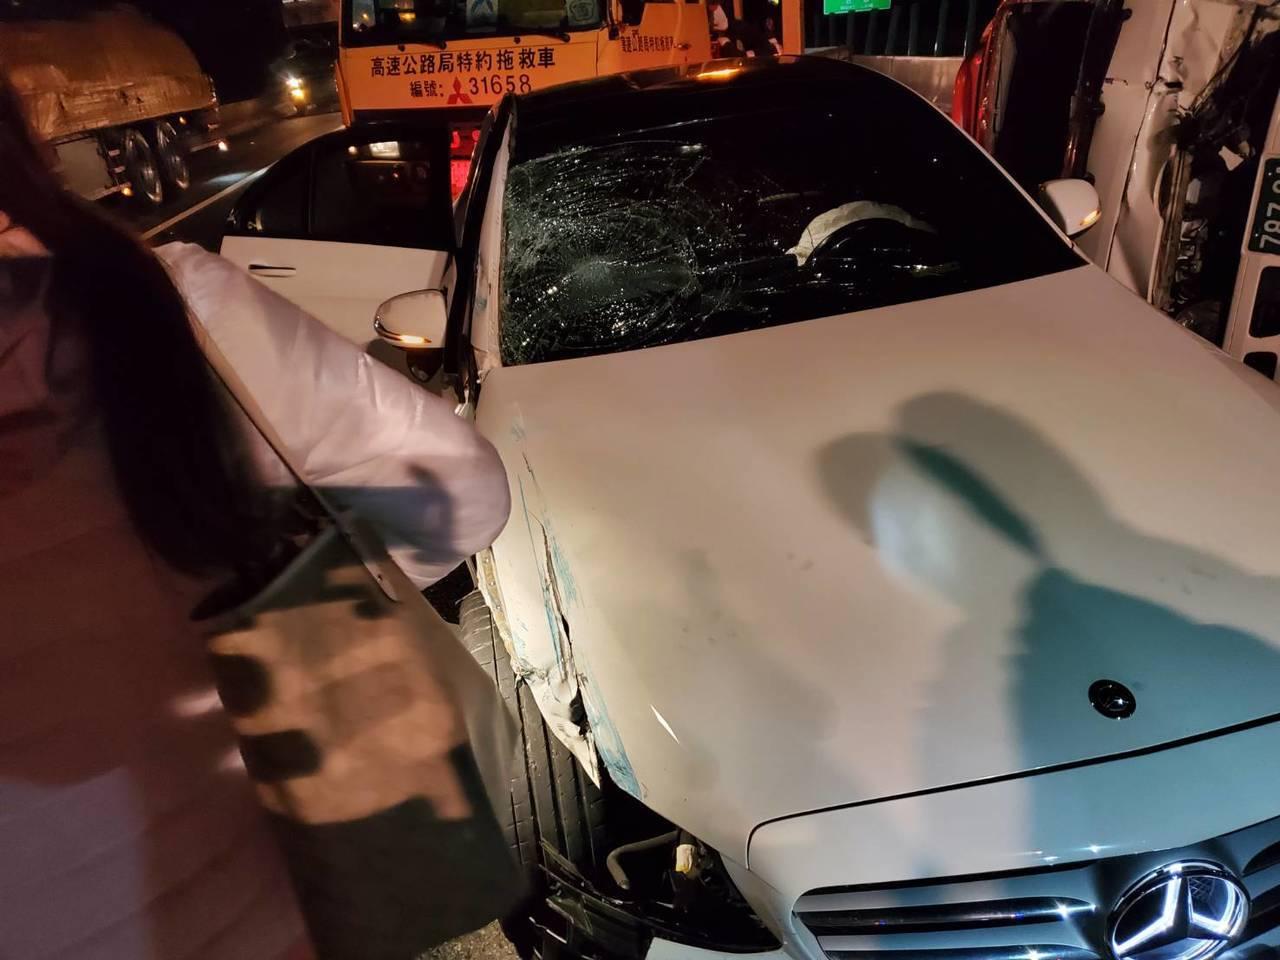 一輛賓士轎車疑未發現前方車況,且現場昏暗,直接撞上前方翻覆的貨車。記者余采瀅/翻...